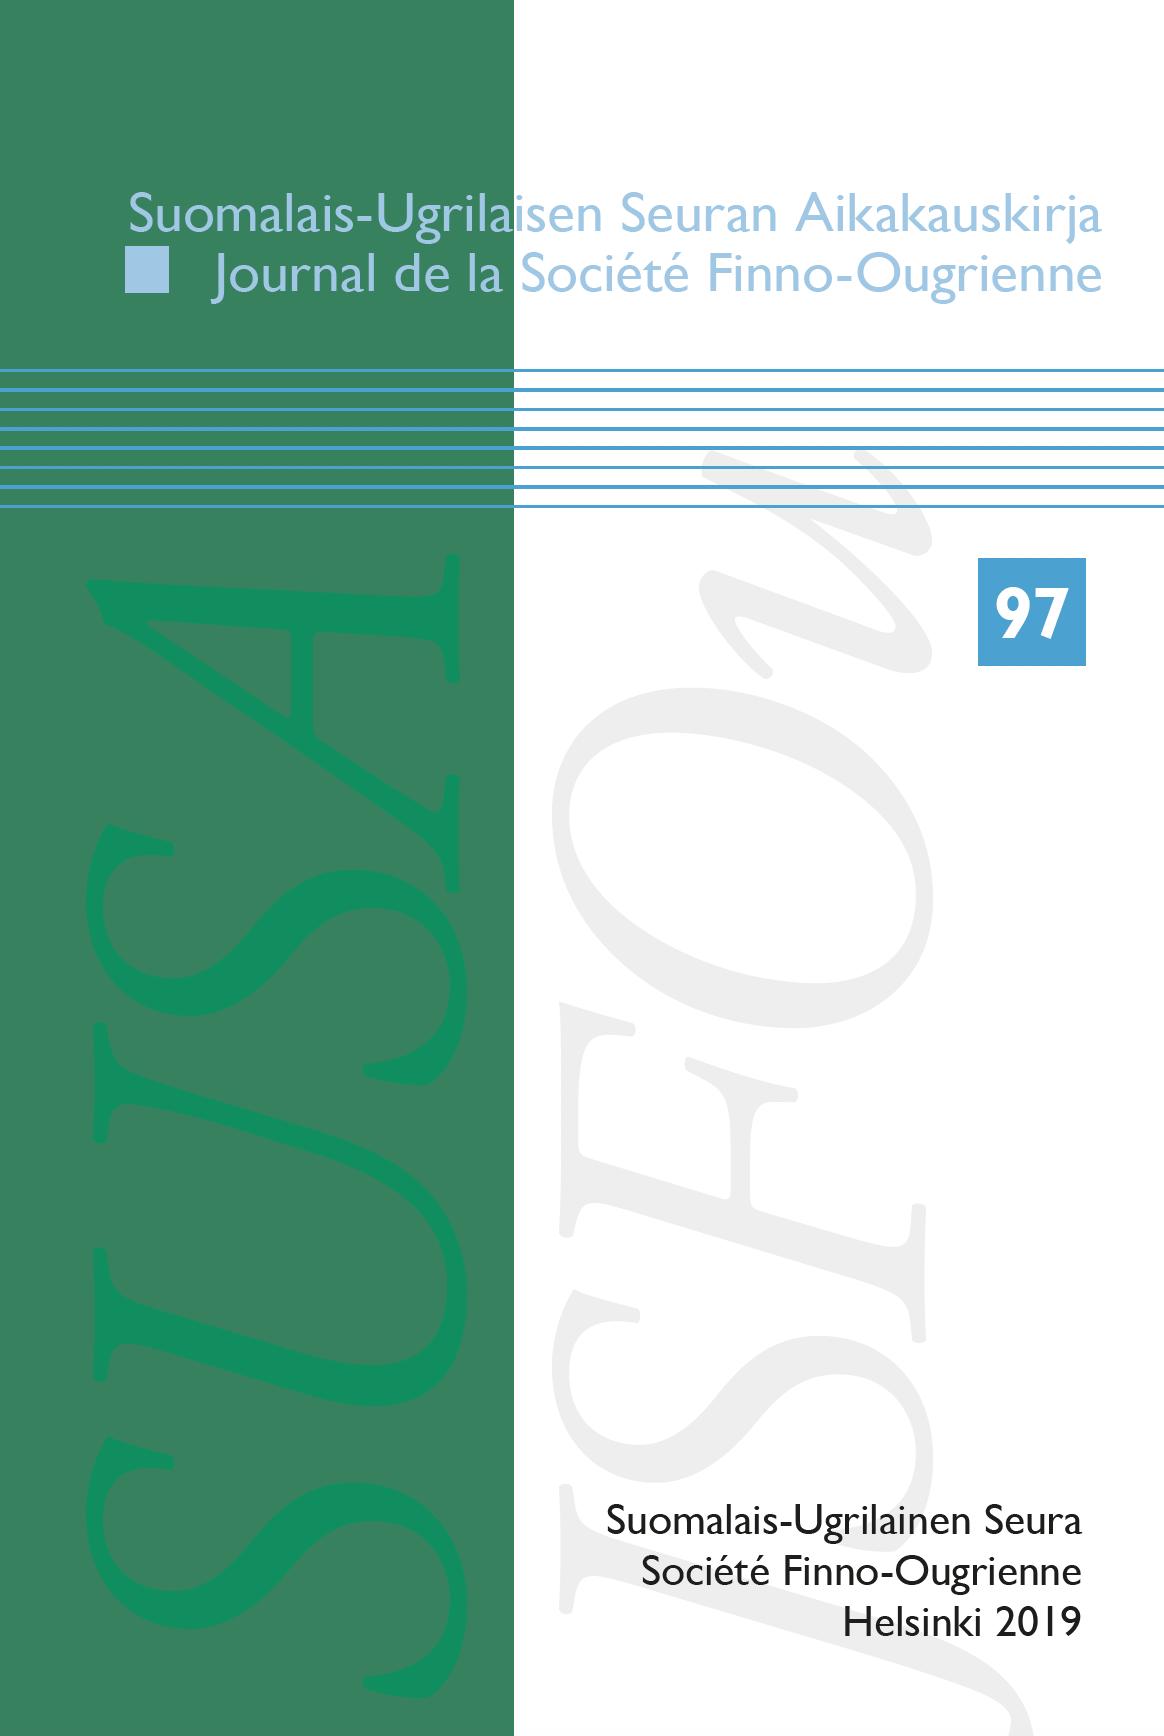 Näytä Vol 2019 Nro 97 (2019): Suomalais-Ugrilaisen Seuran Aikakauskirja